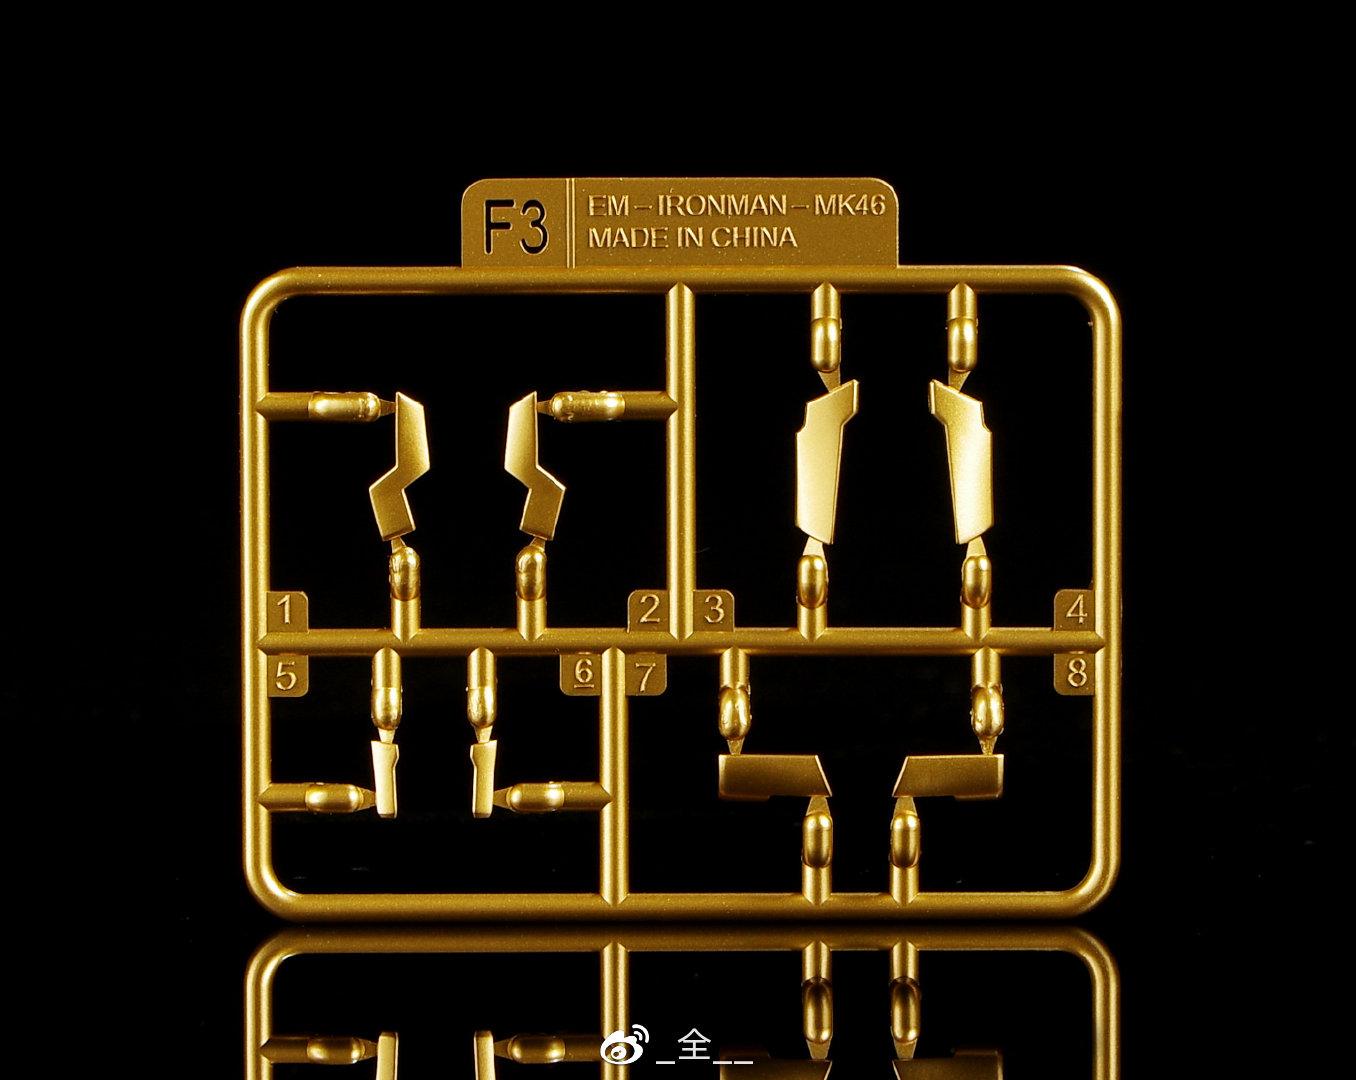 S509_E_Model_MK46_0328_016.jpg